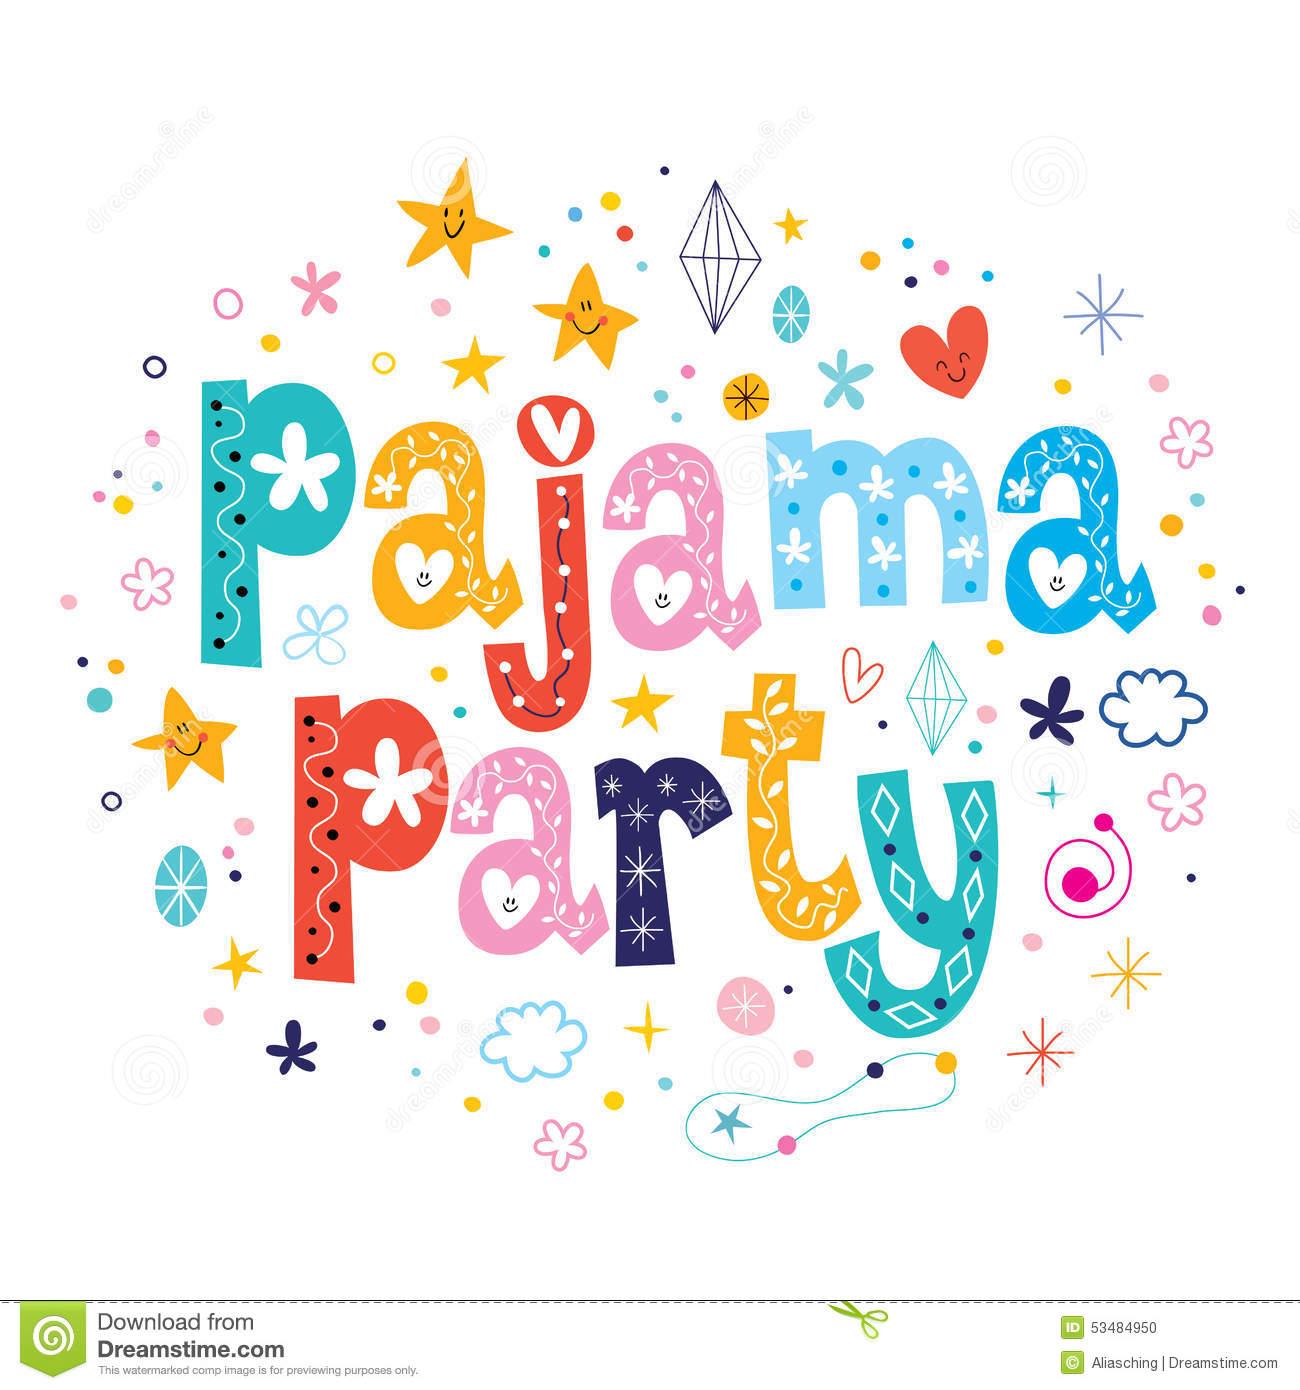 Pajama Party-Pajama party-9